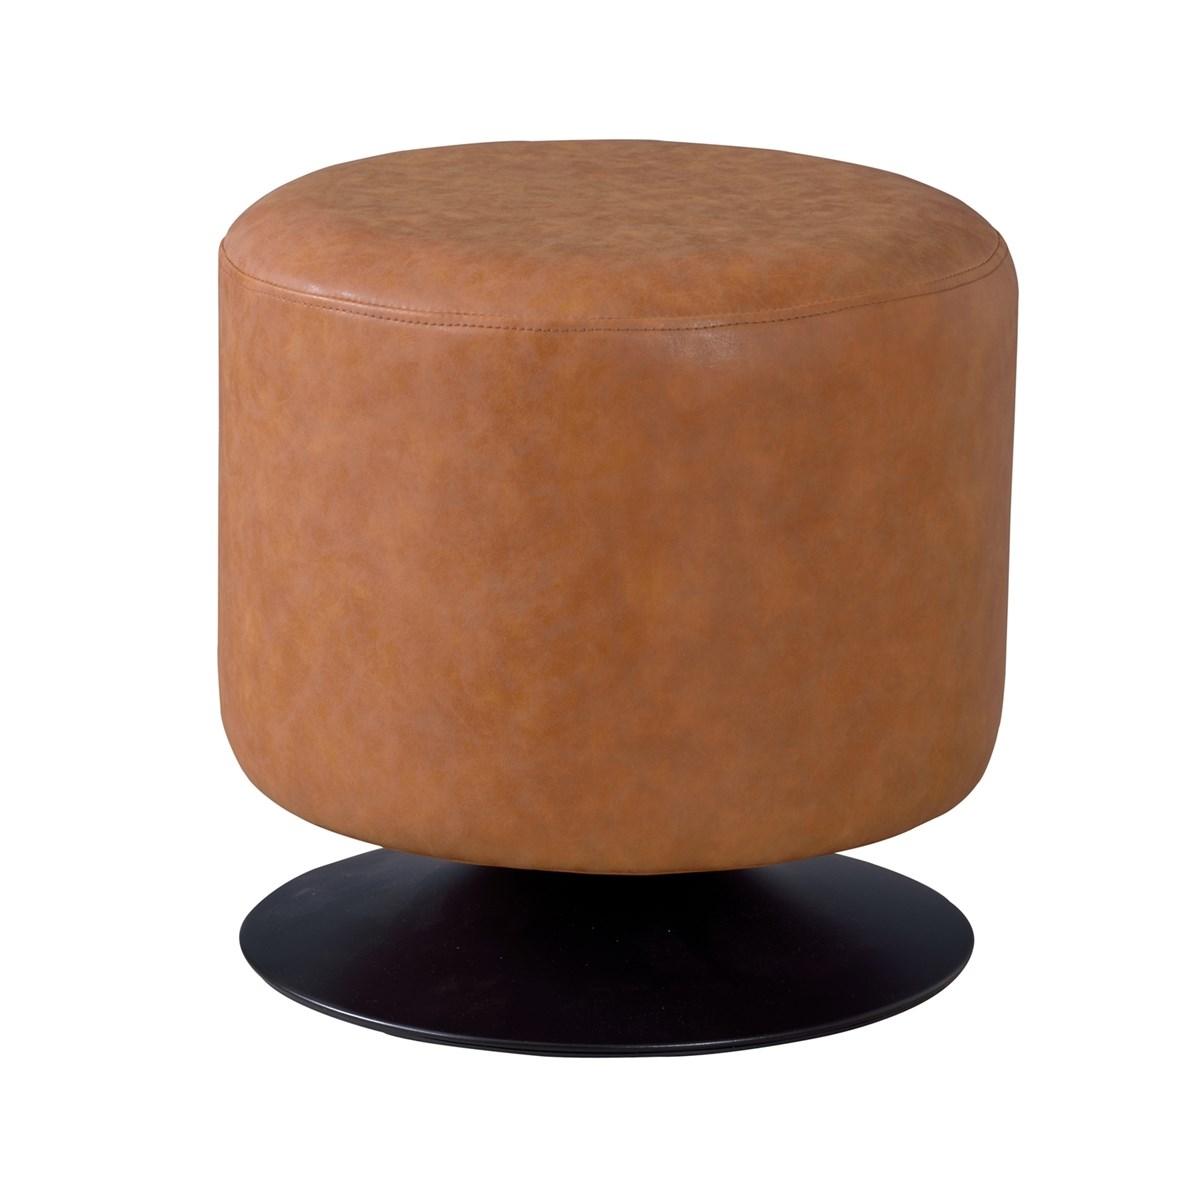 カイテンスツール イス バーチェア 椅子 カウンターチェア (数量1)